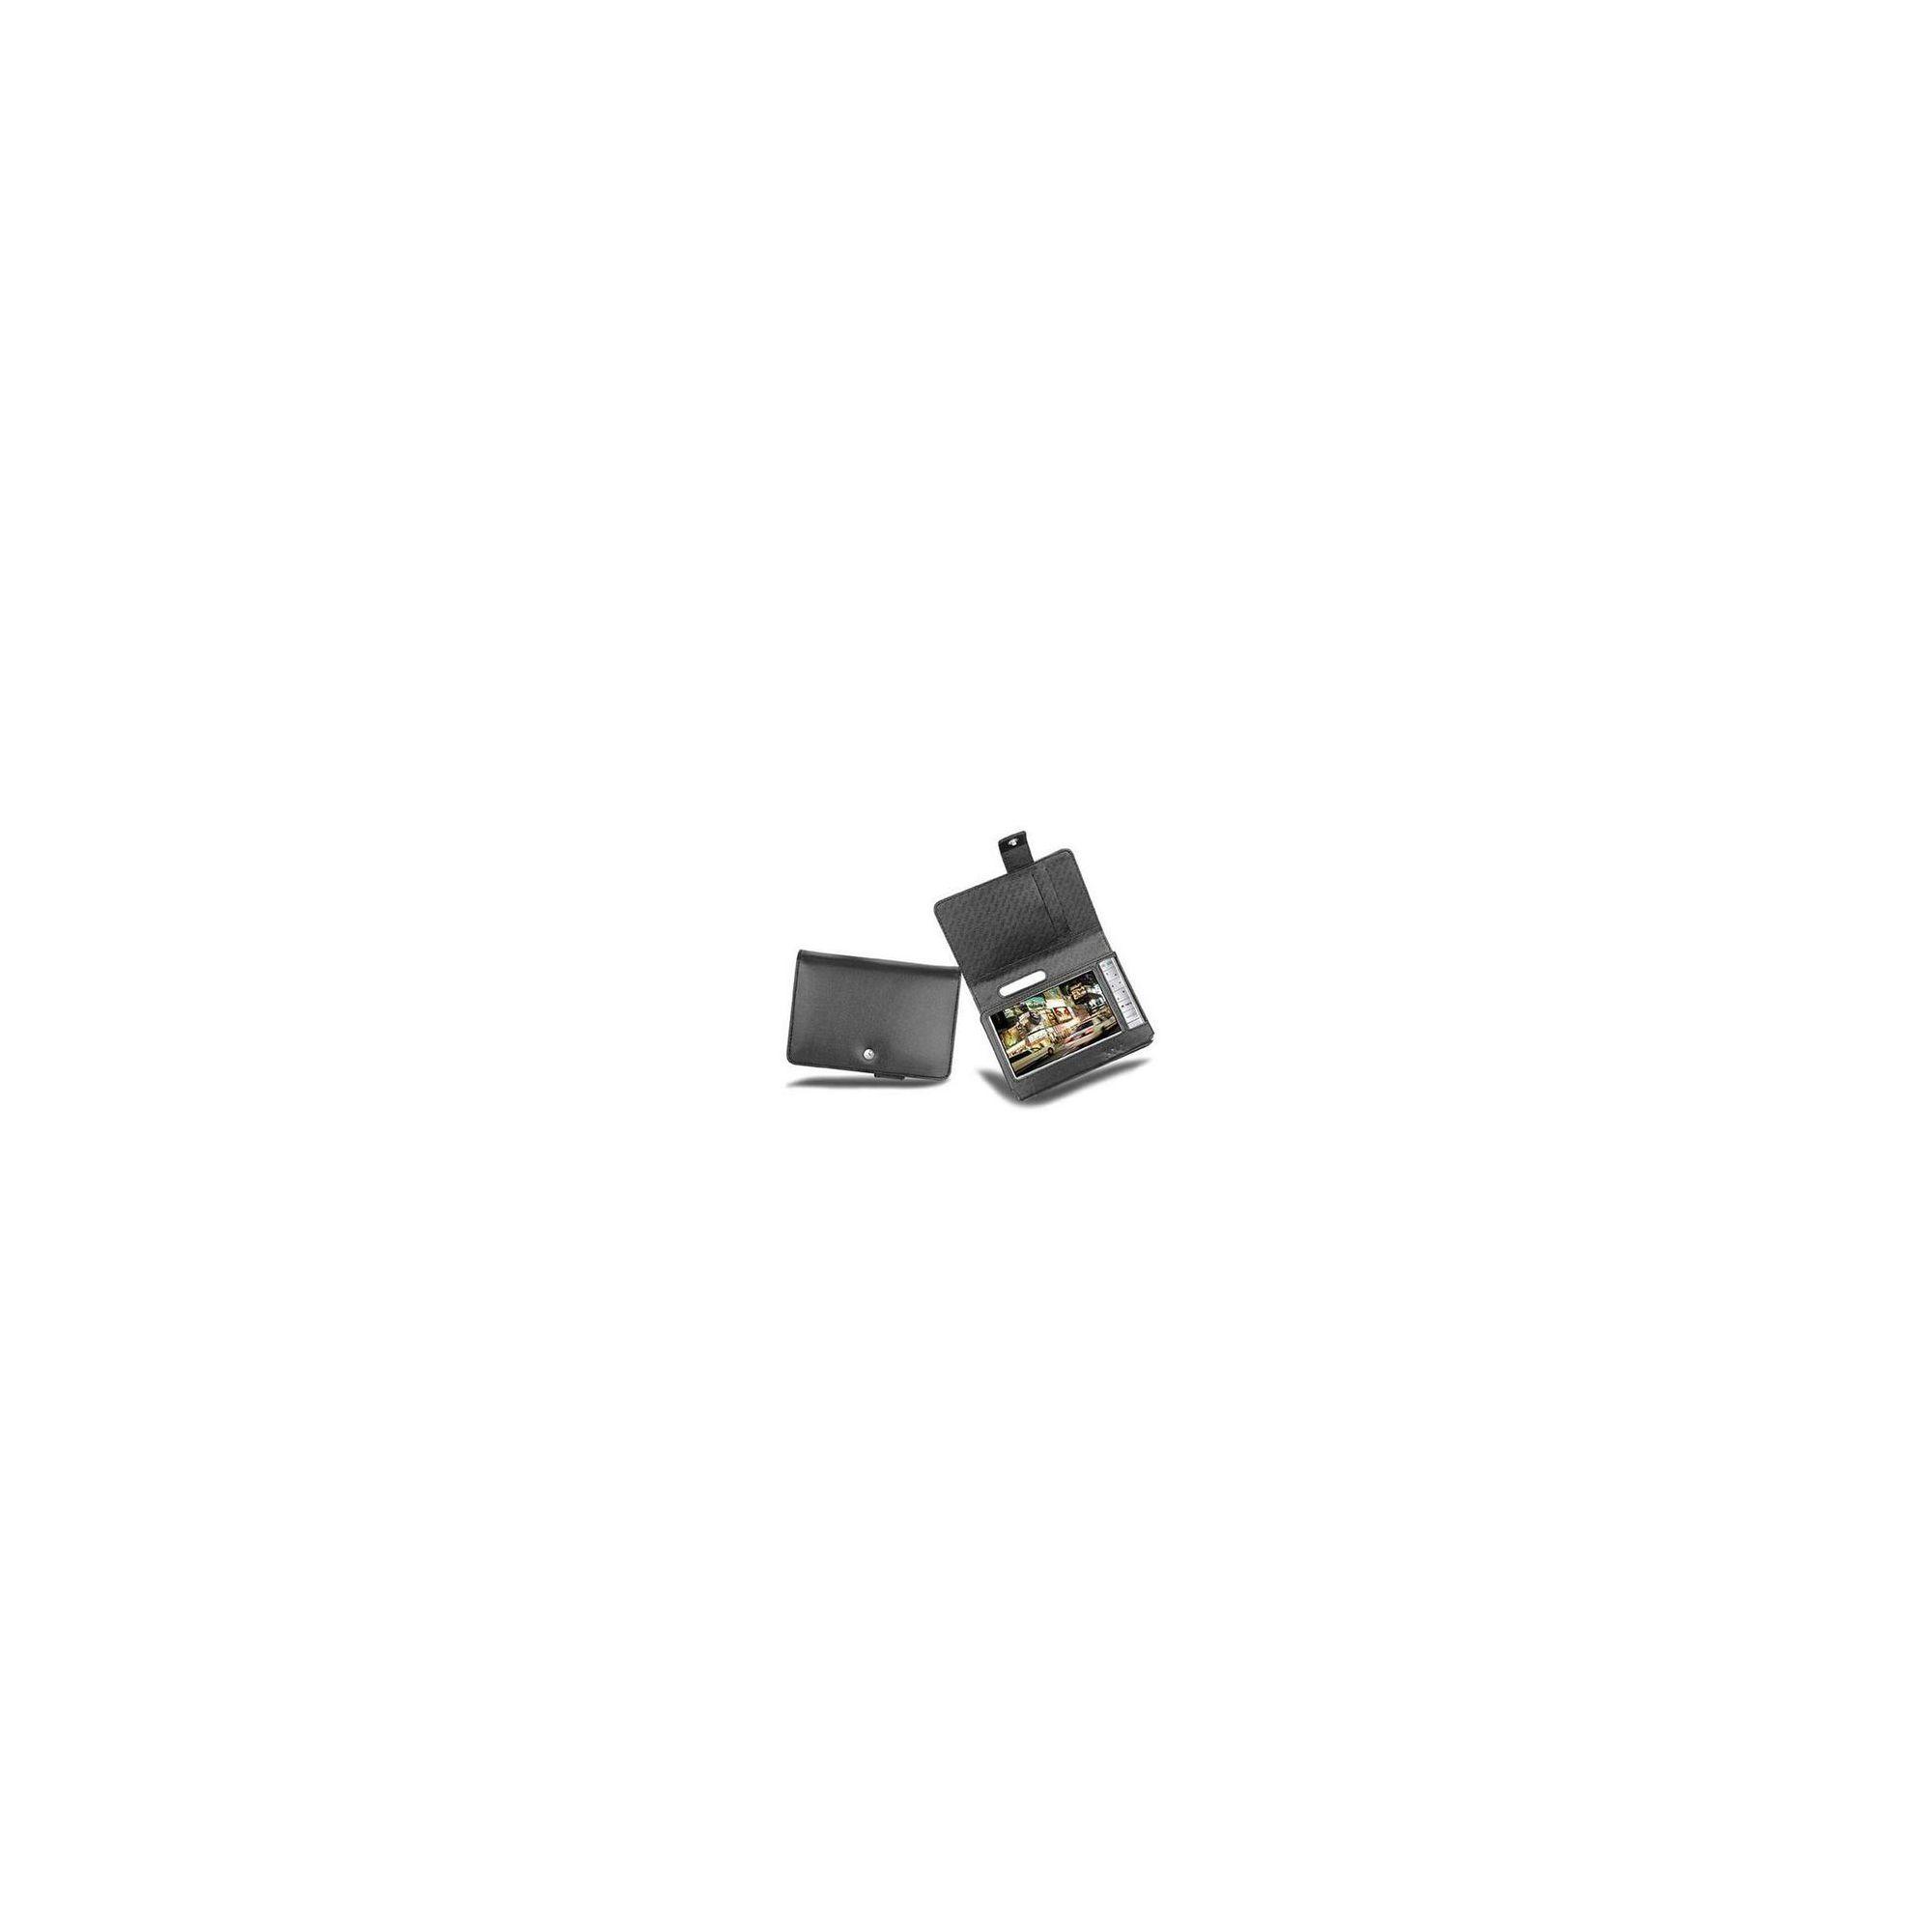 noreve-saint-tropez-leather-case-for-archos-605f-4gb-archos-605s-30gb-black